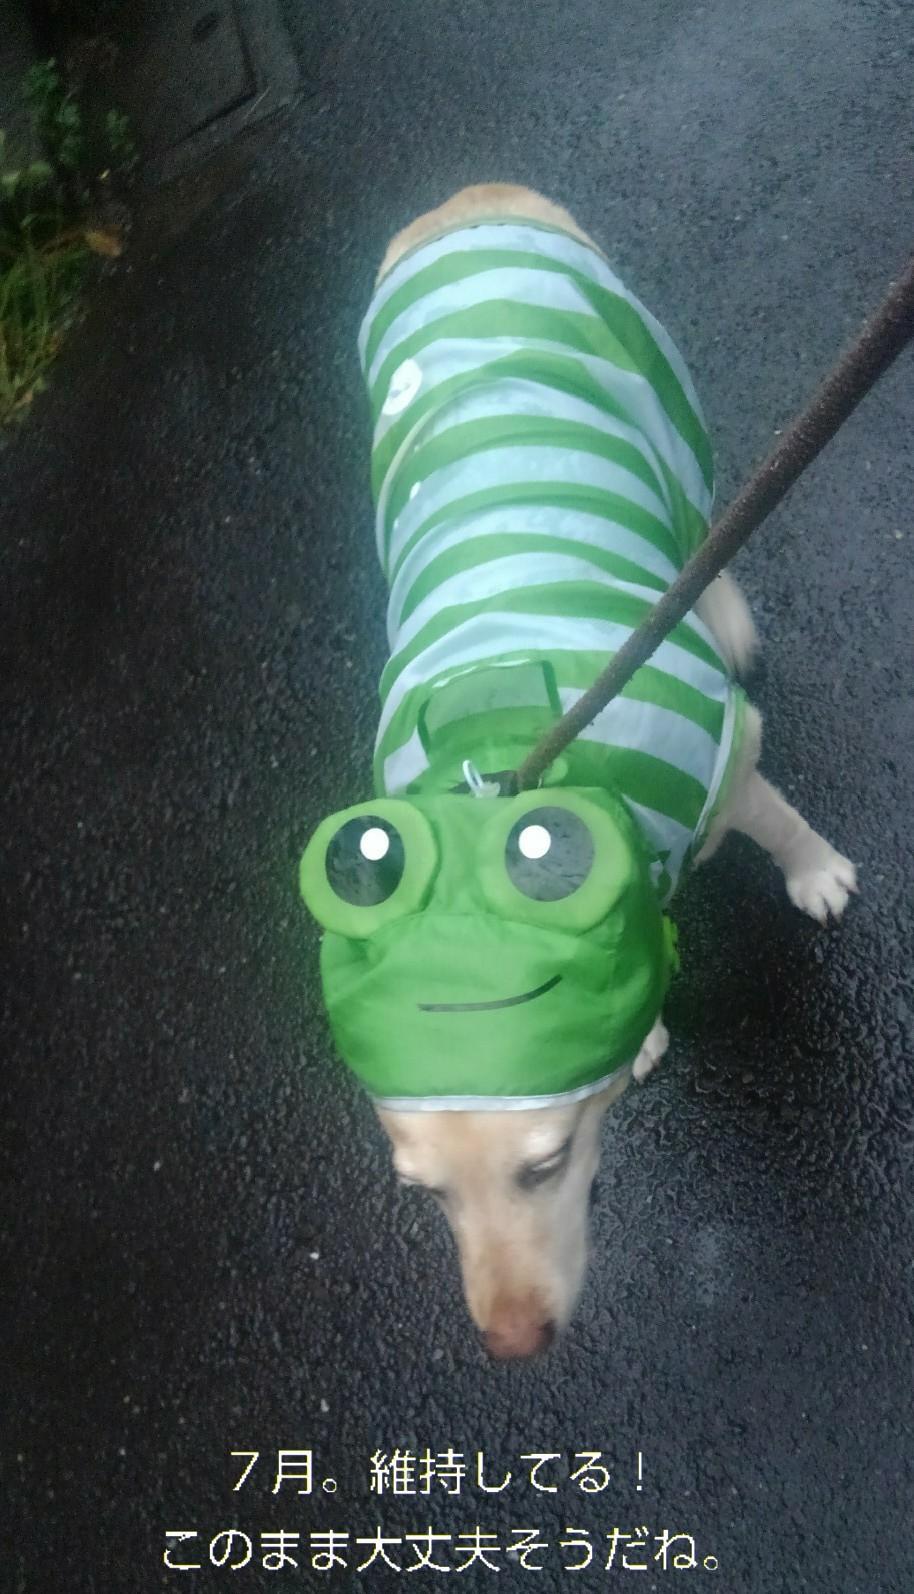 メリーのカッパのカエルの口がぁ~!_b0339522_16080169.jpg